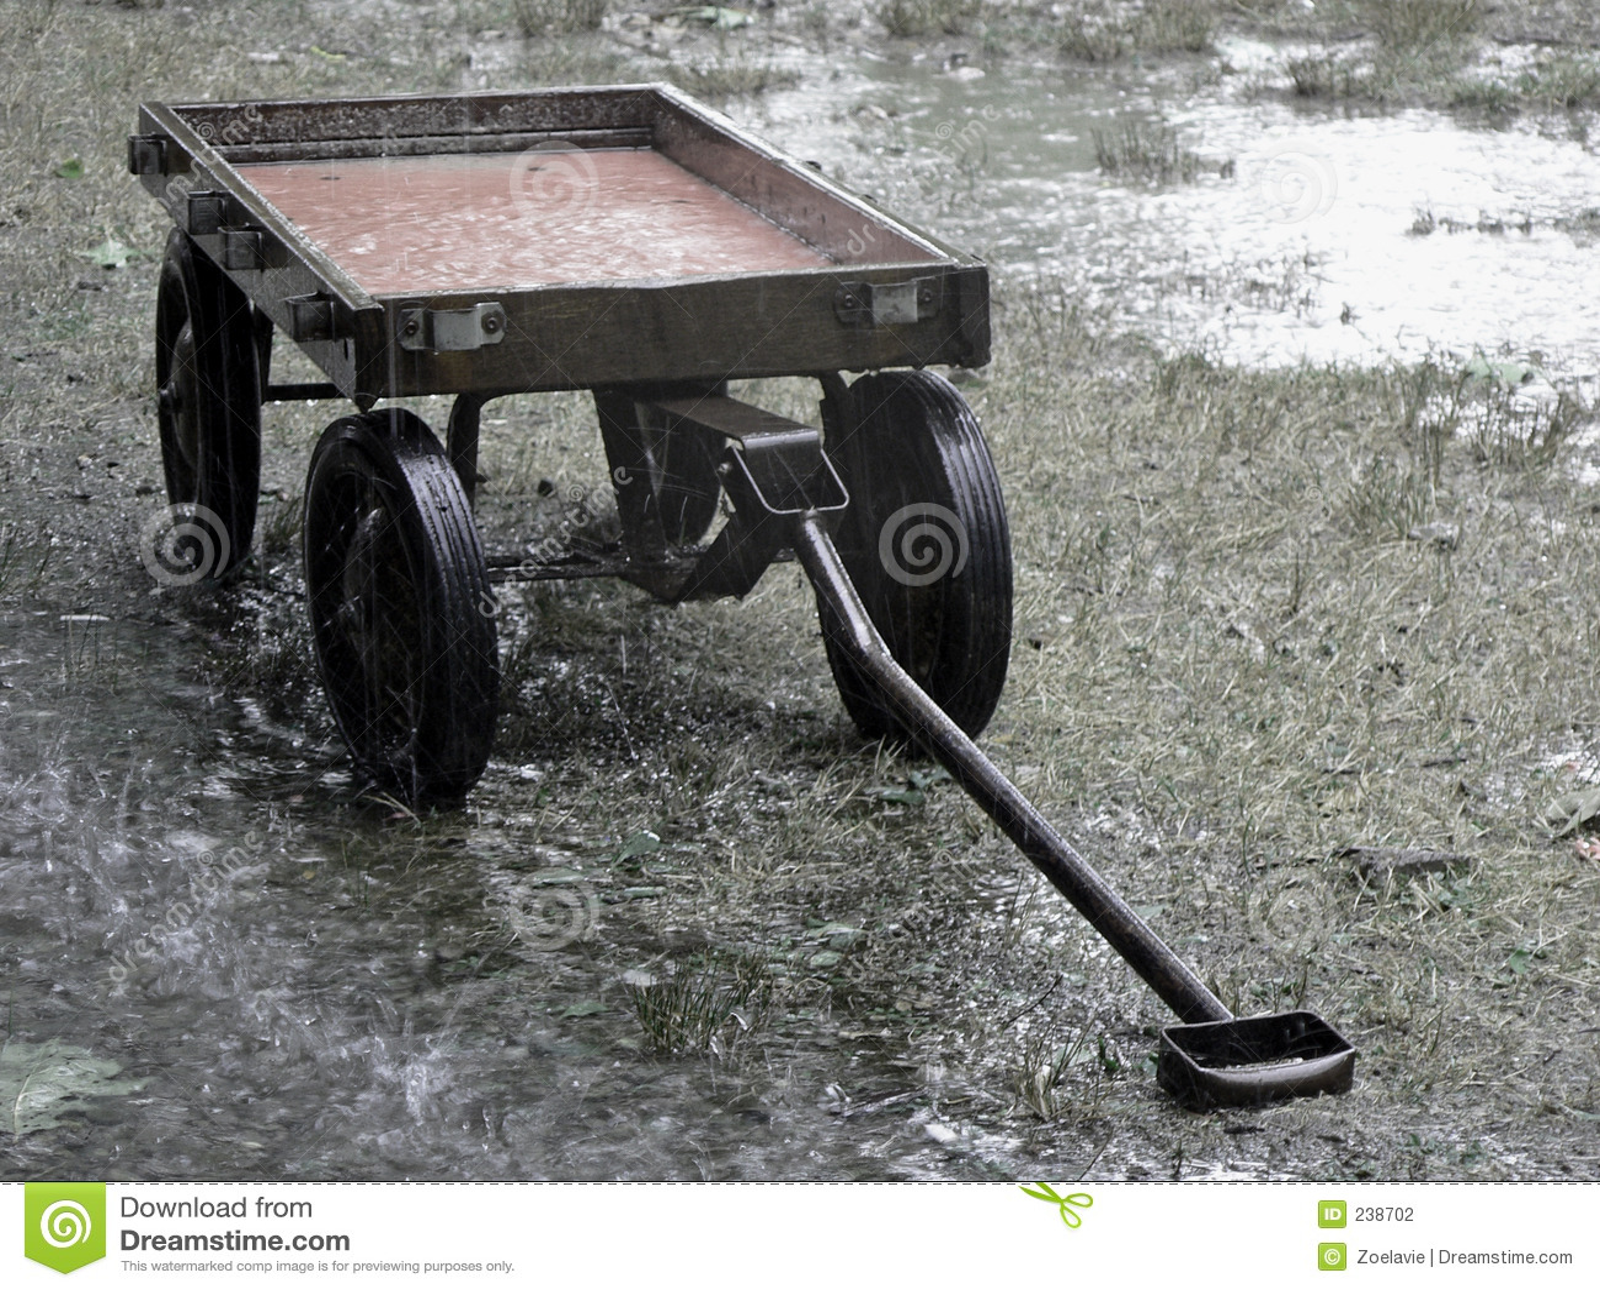 Redvagn för regn 2